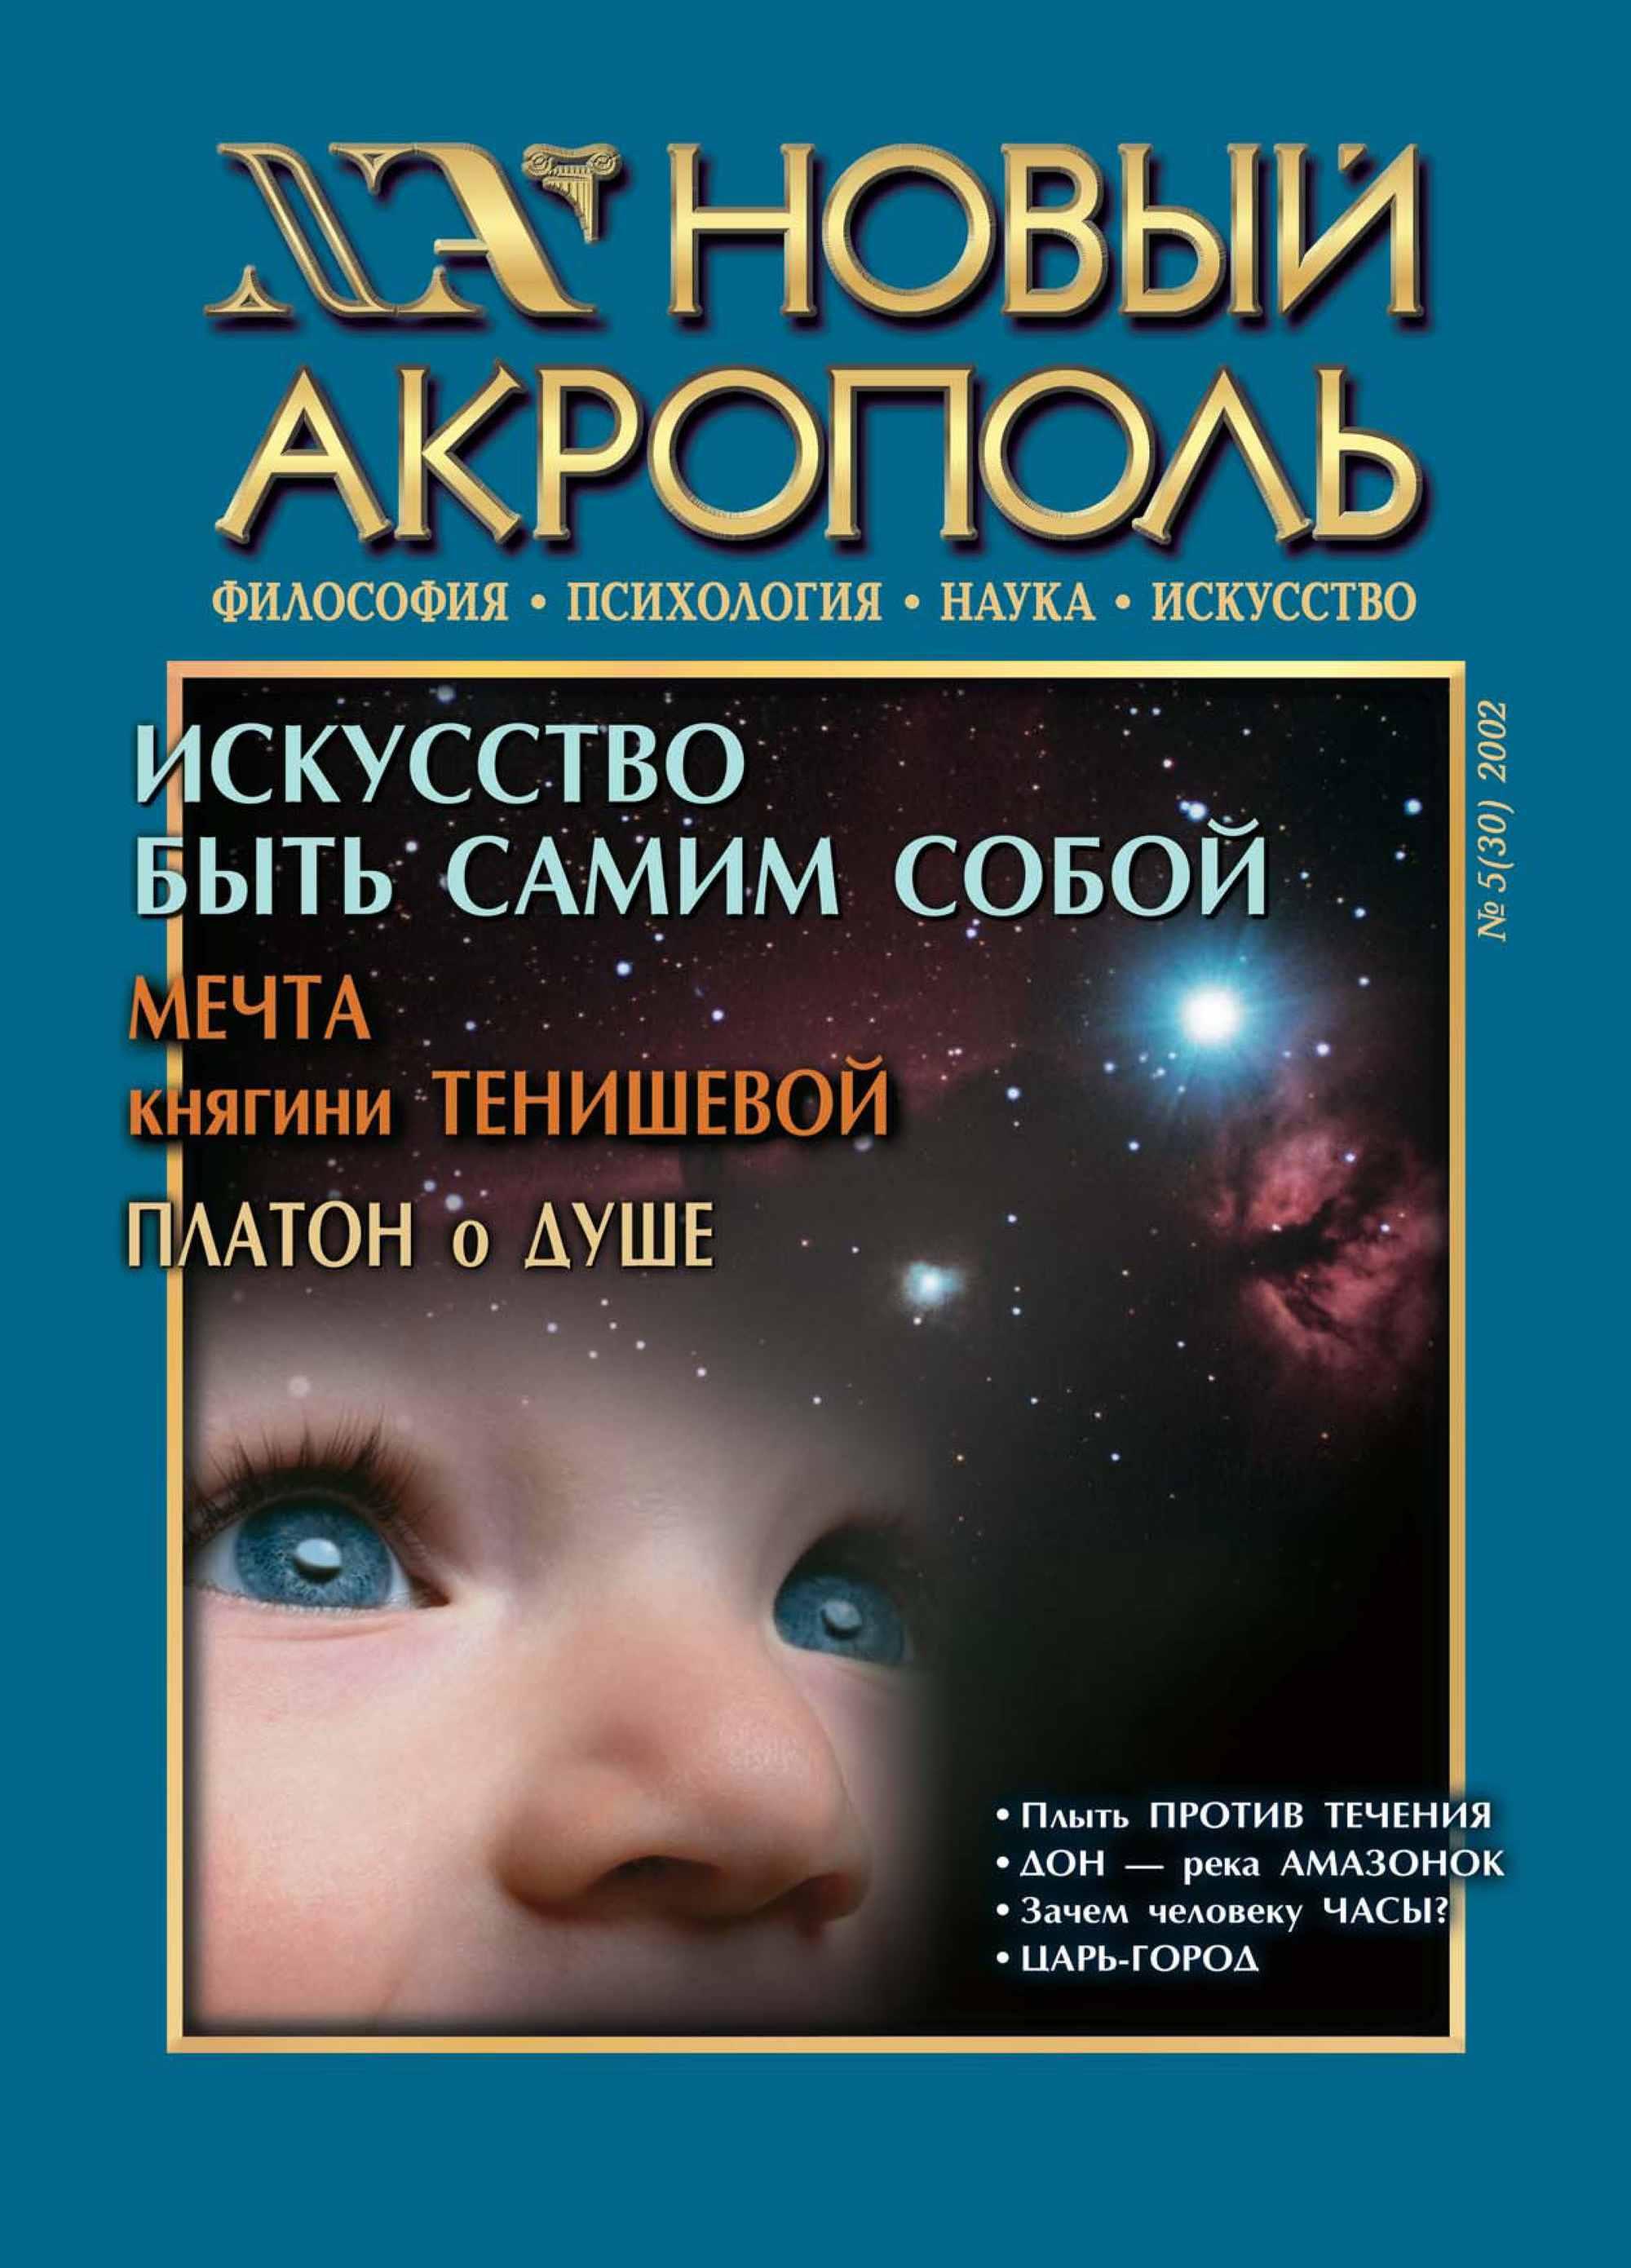 Отсутствует Новый Акрополь №05/2002 хаксли о о дивный новый мир слепец в газе